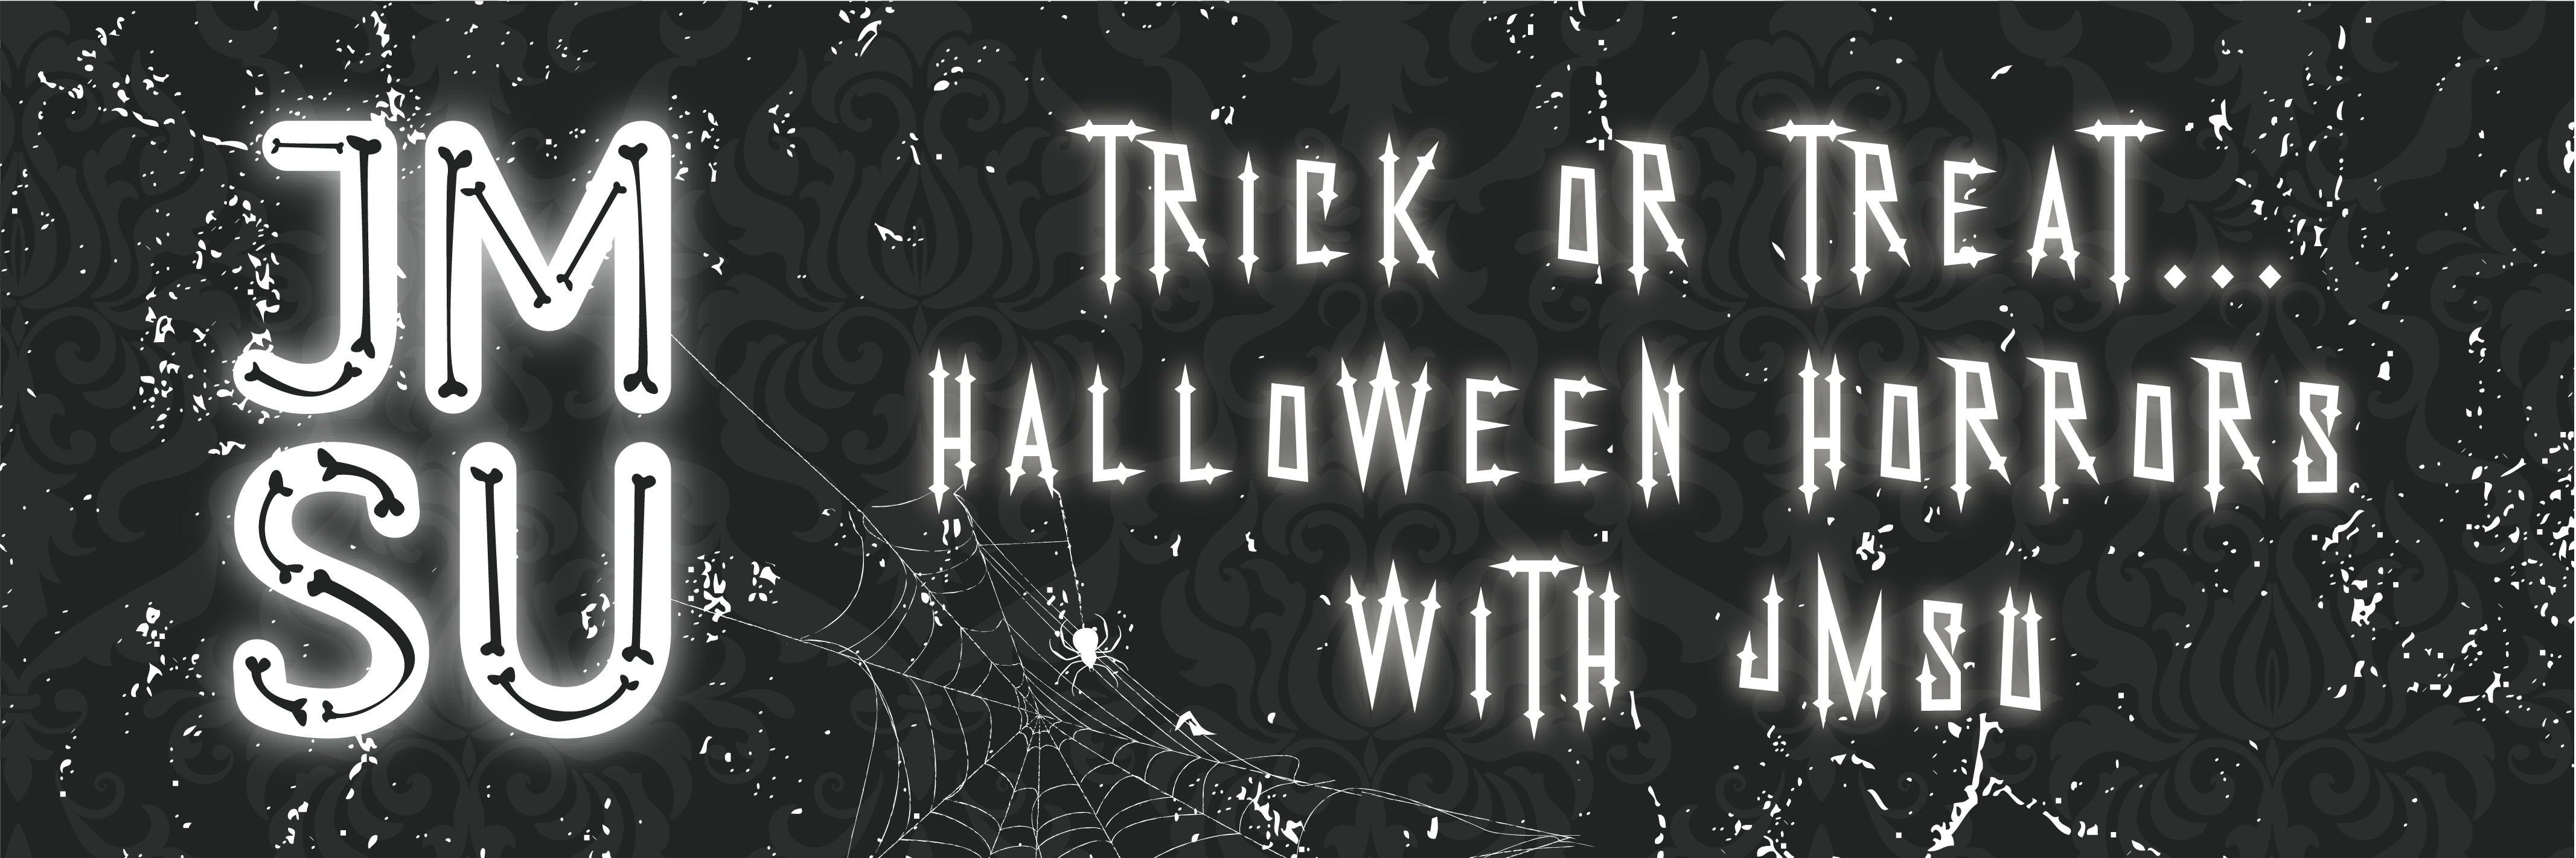 Website halloween banners